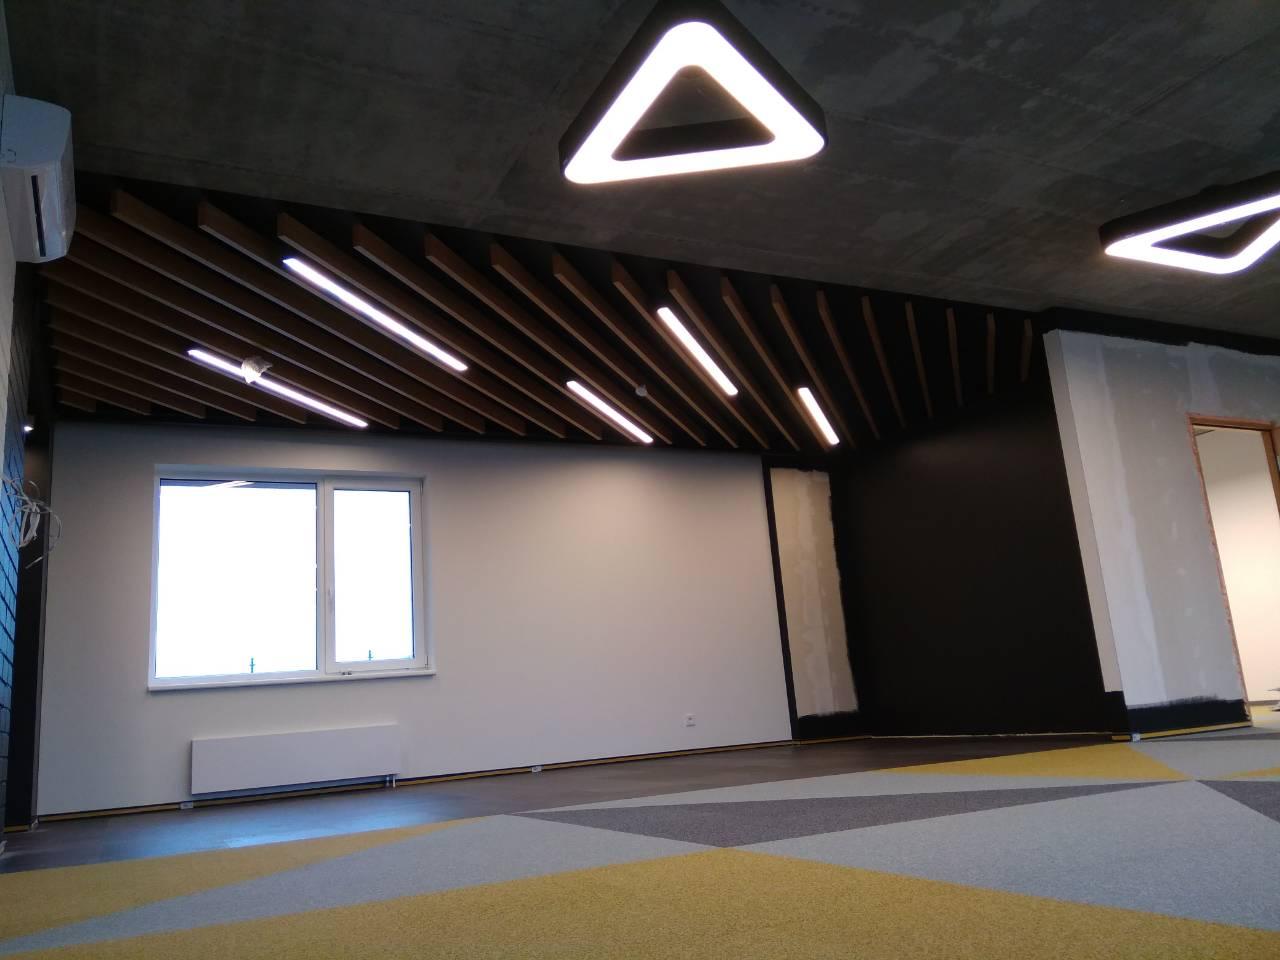 Фото Встановлення розумних світильників на базі керування системио KNX налаштування софту керування